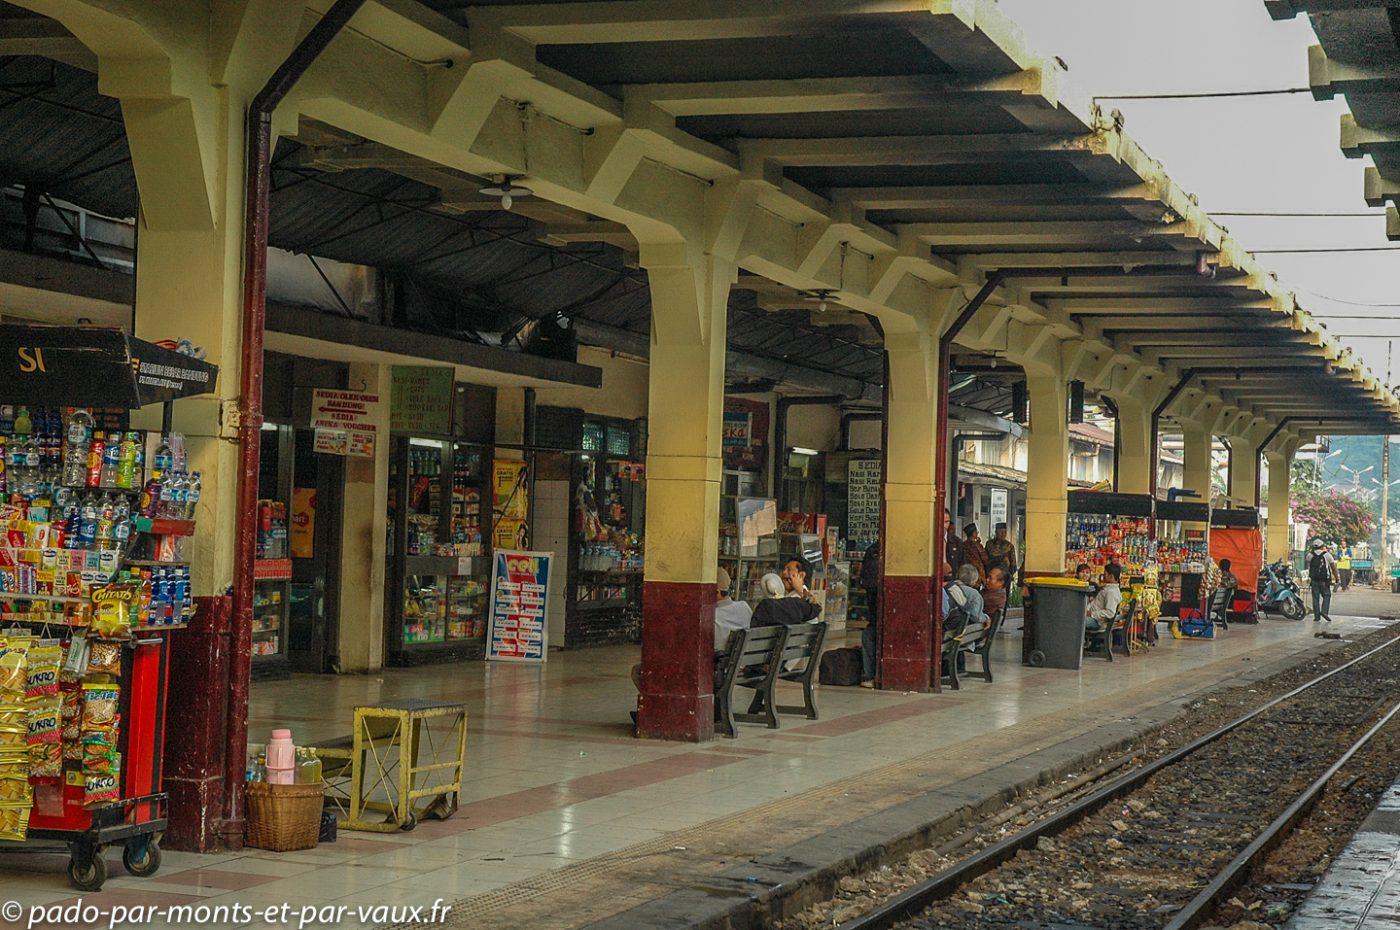 Gare de Bandung